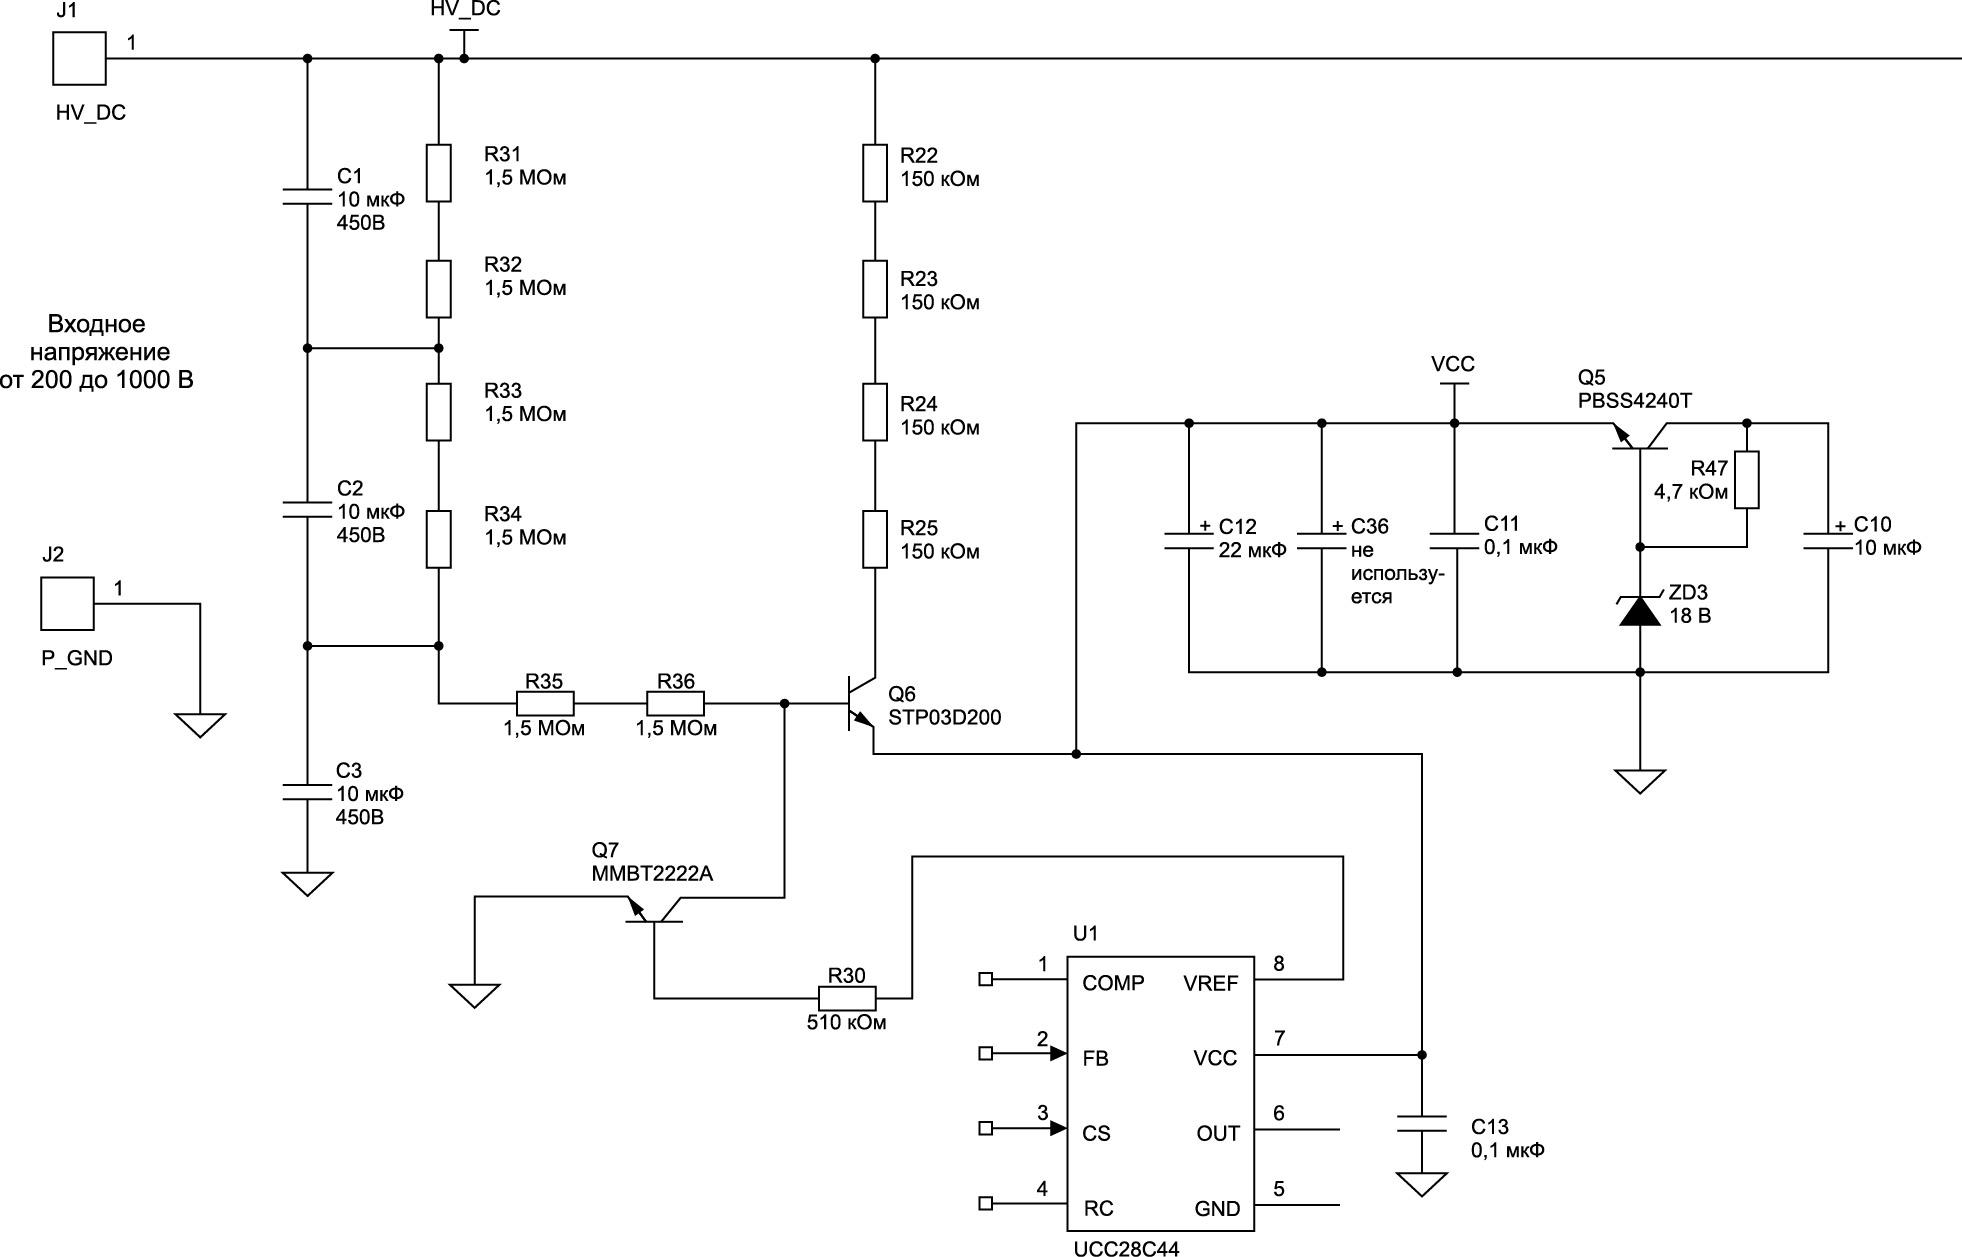 Предлагаемая схема активного запуска контроллера обратноходового преобразователя